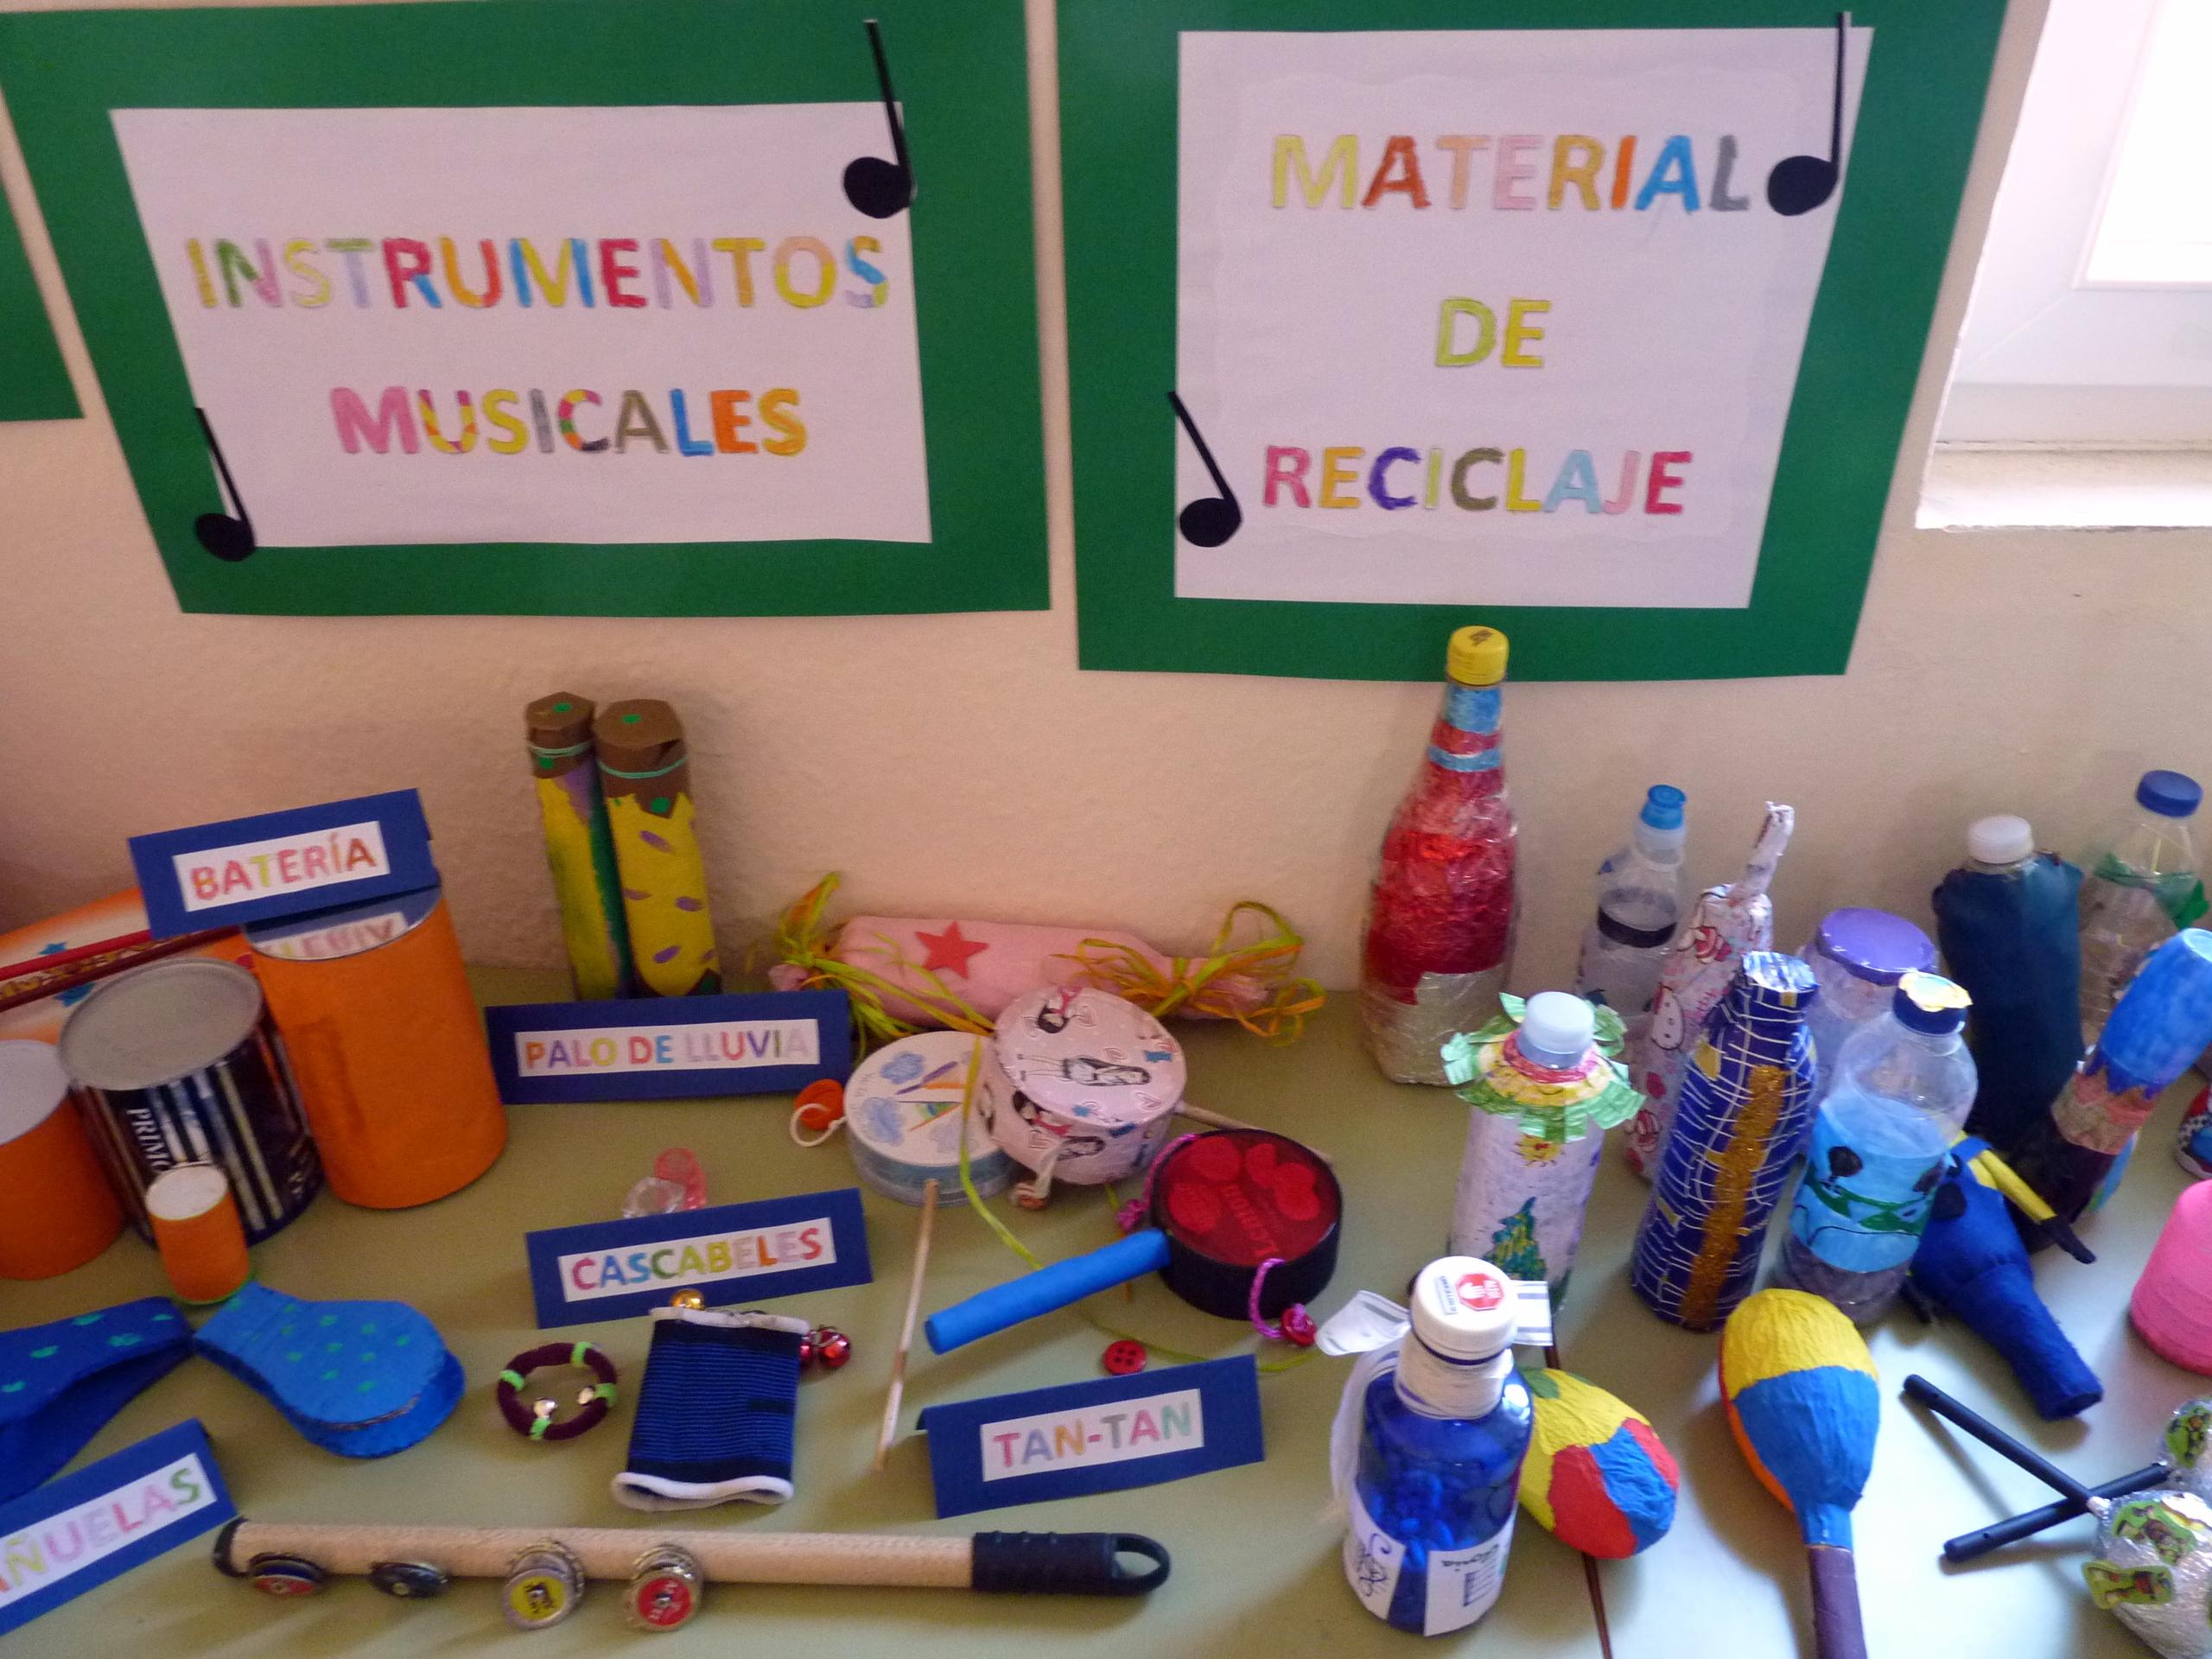 Exposición de Instrumentos Musicales Realizados con Materiales de Reciclaje  | CEIP Nuestra Señora de la Encarnación, Carrión de Calatrava (Ciudad Real)